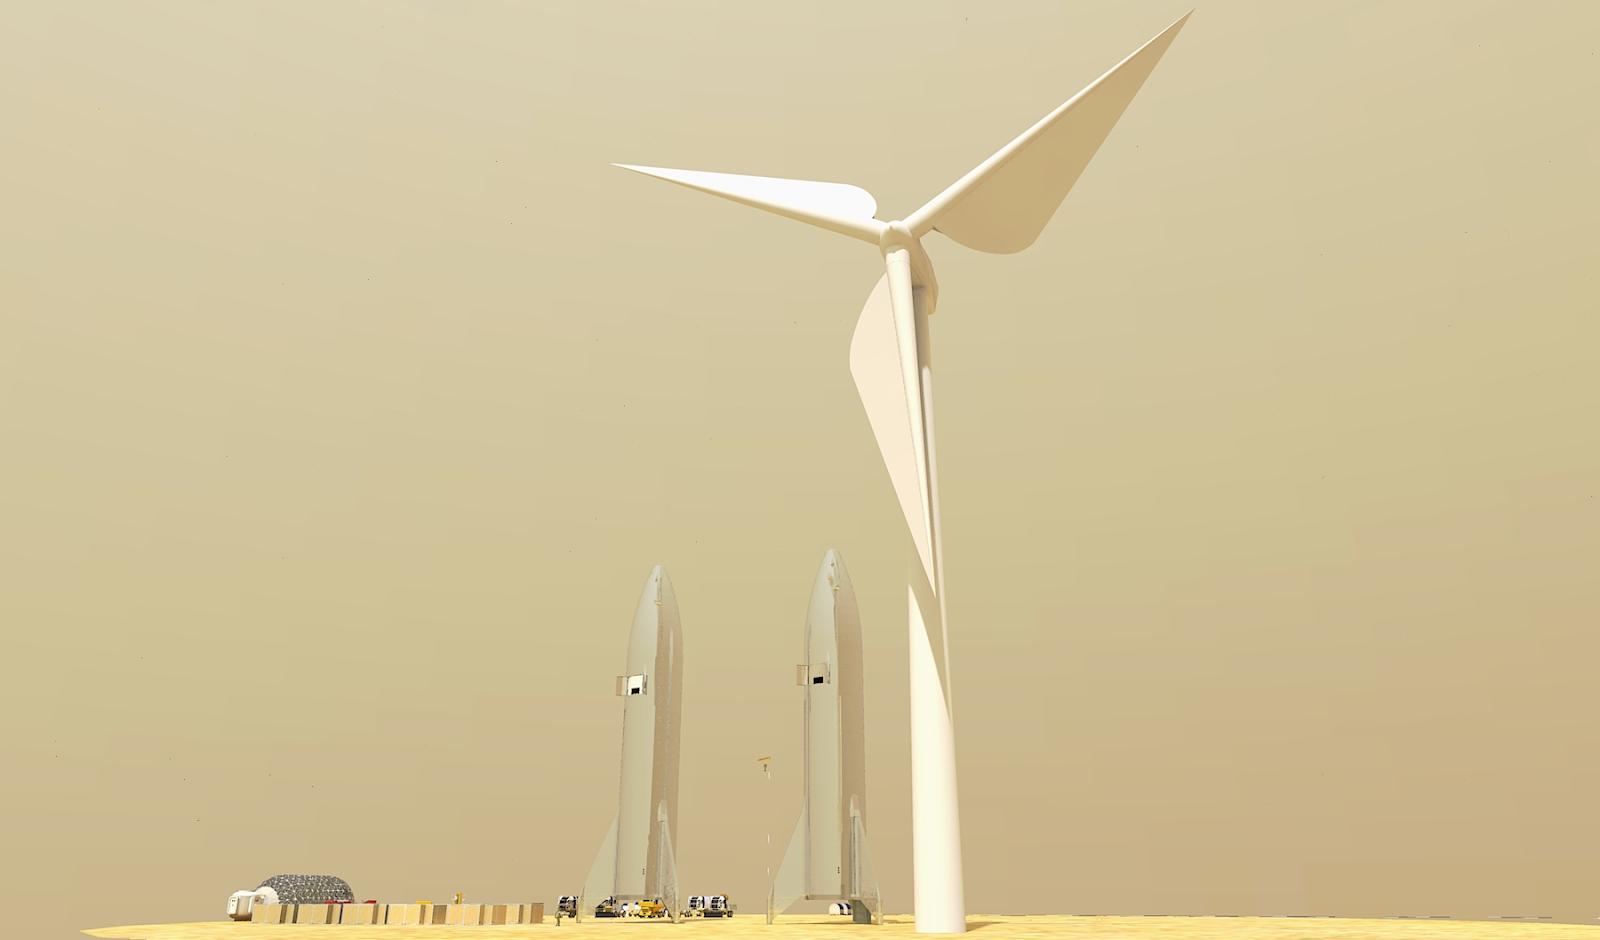 Mars wind turbines